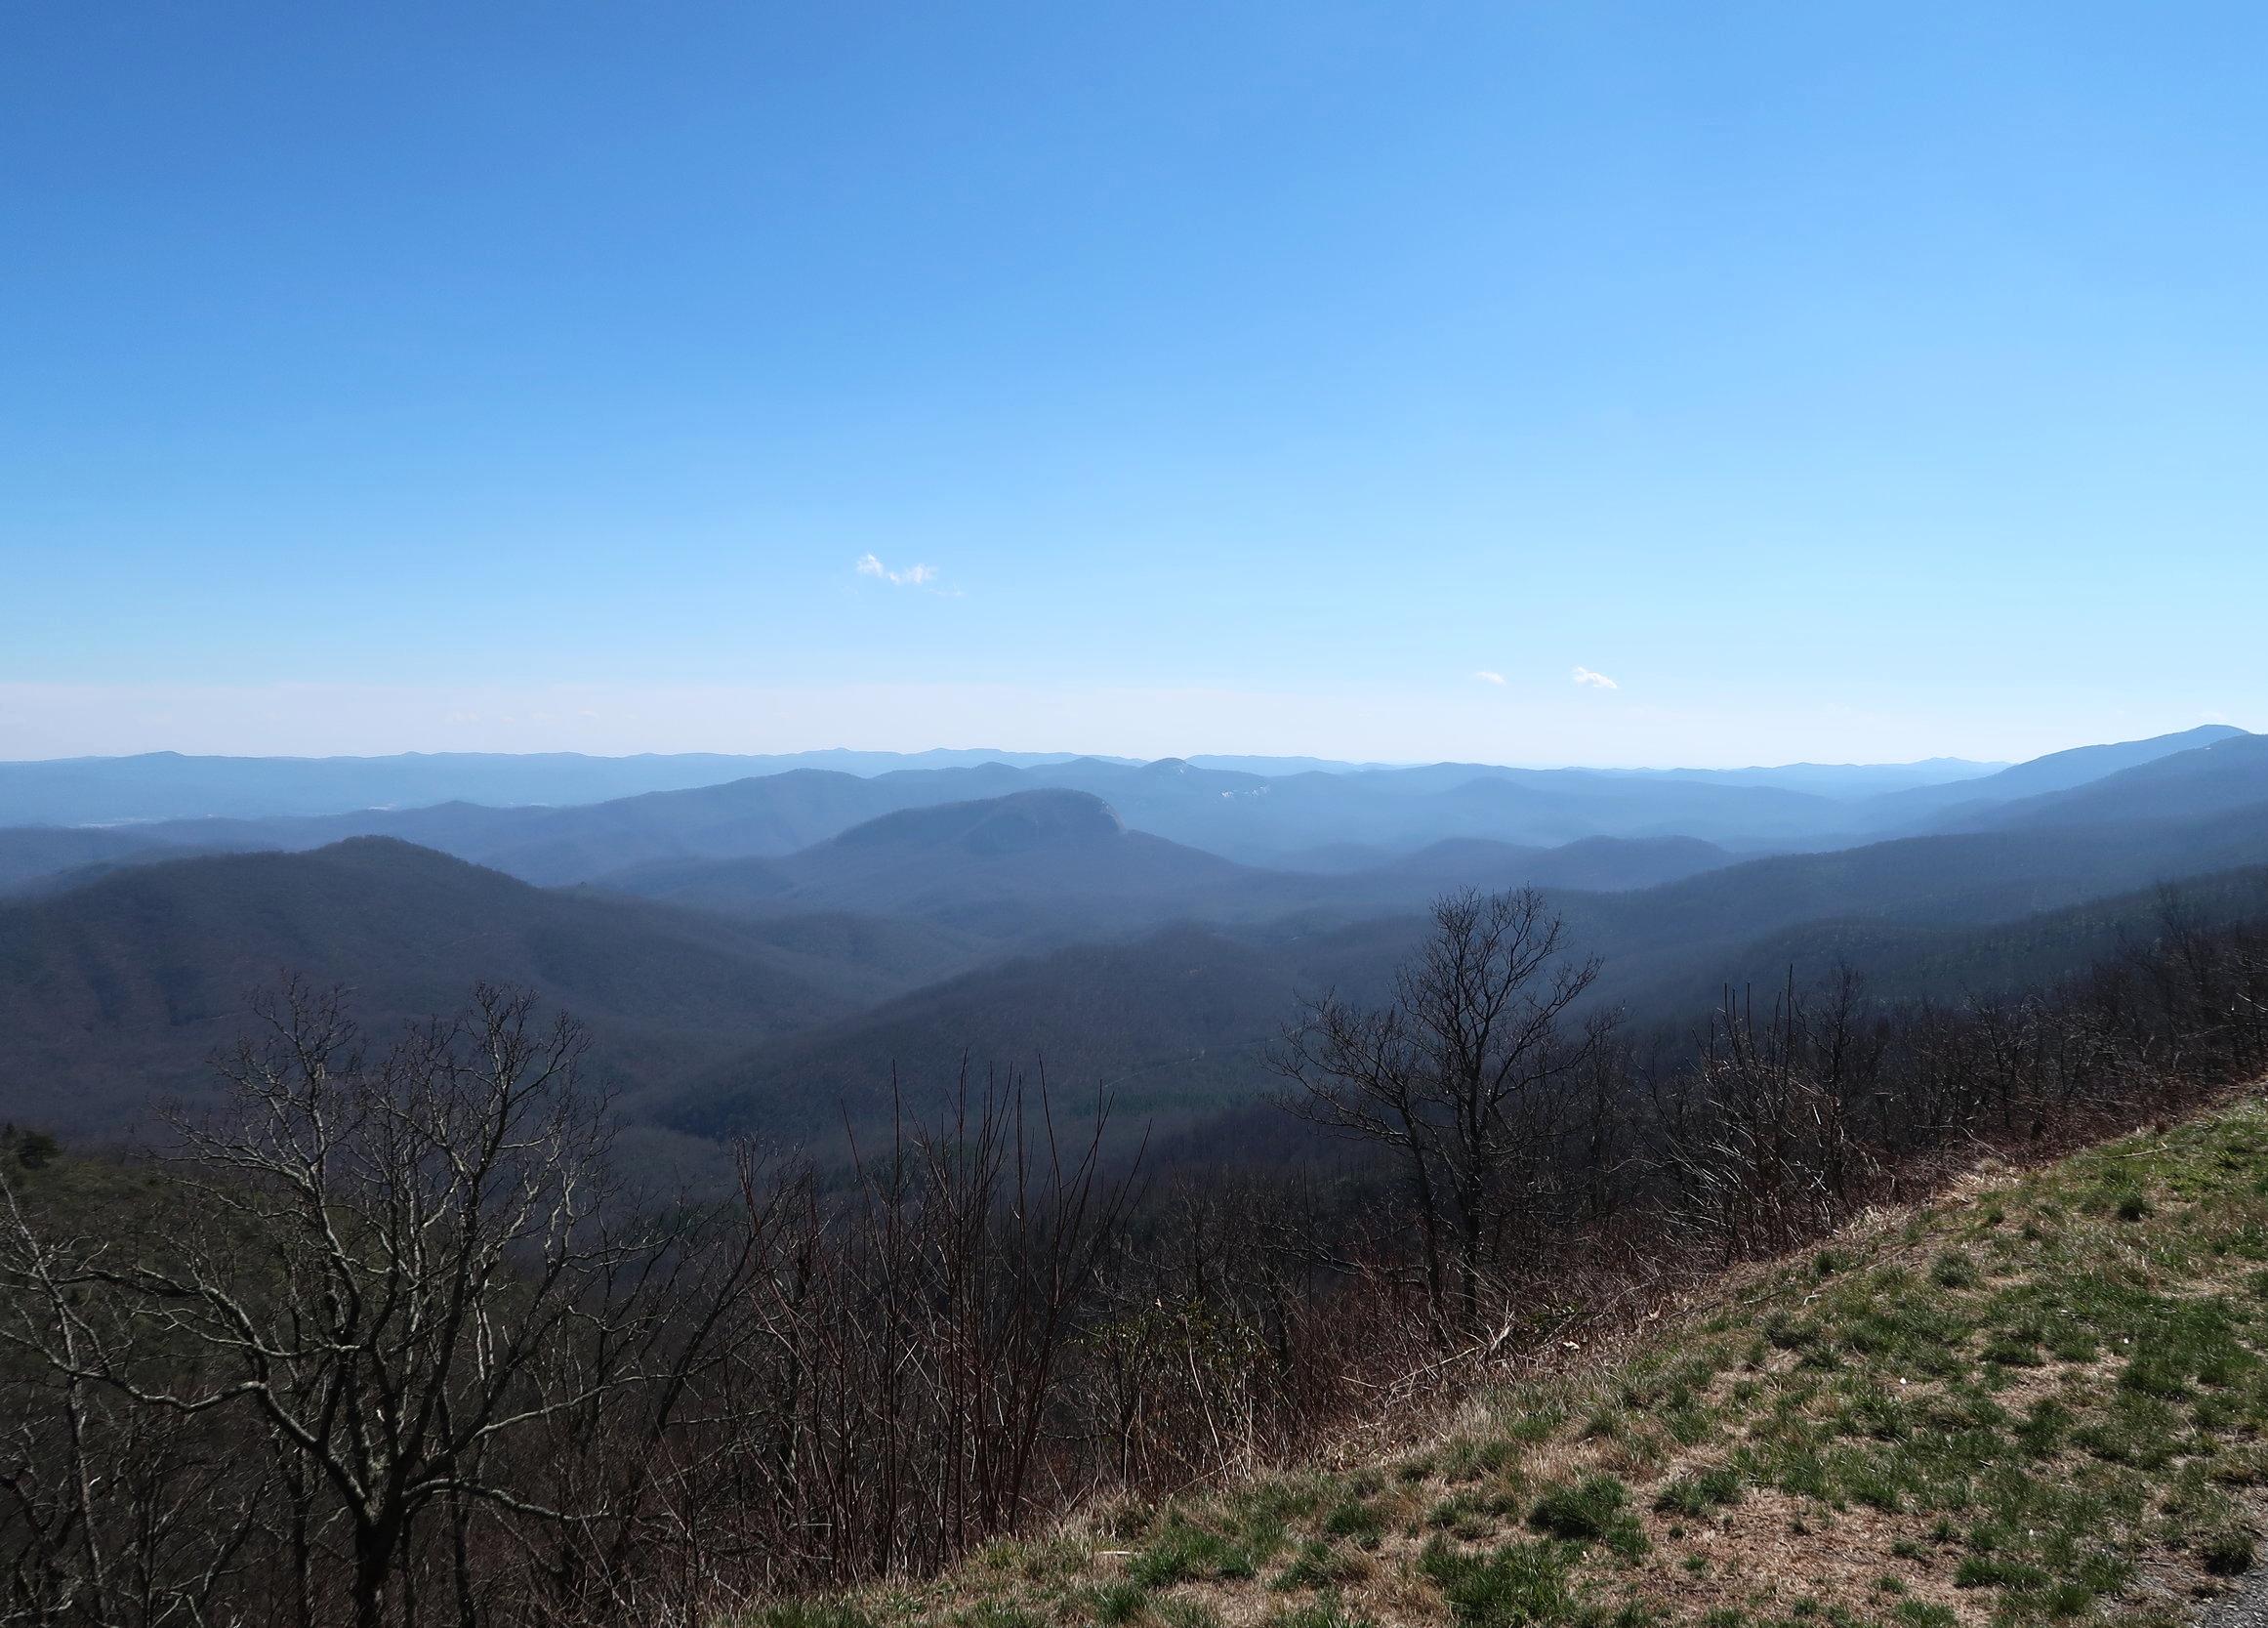 The beautiful Blue Ridge hues